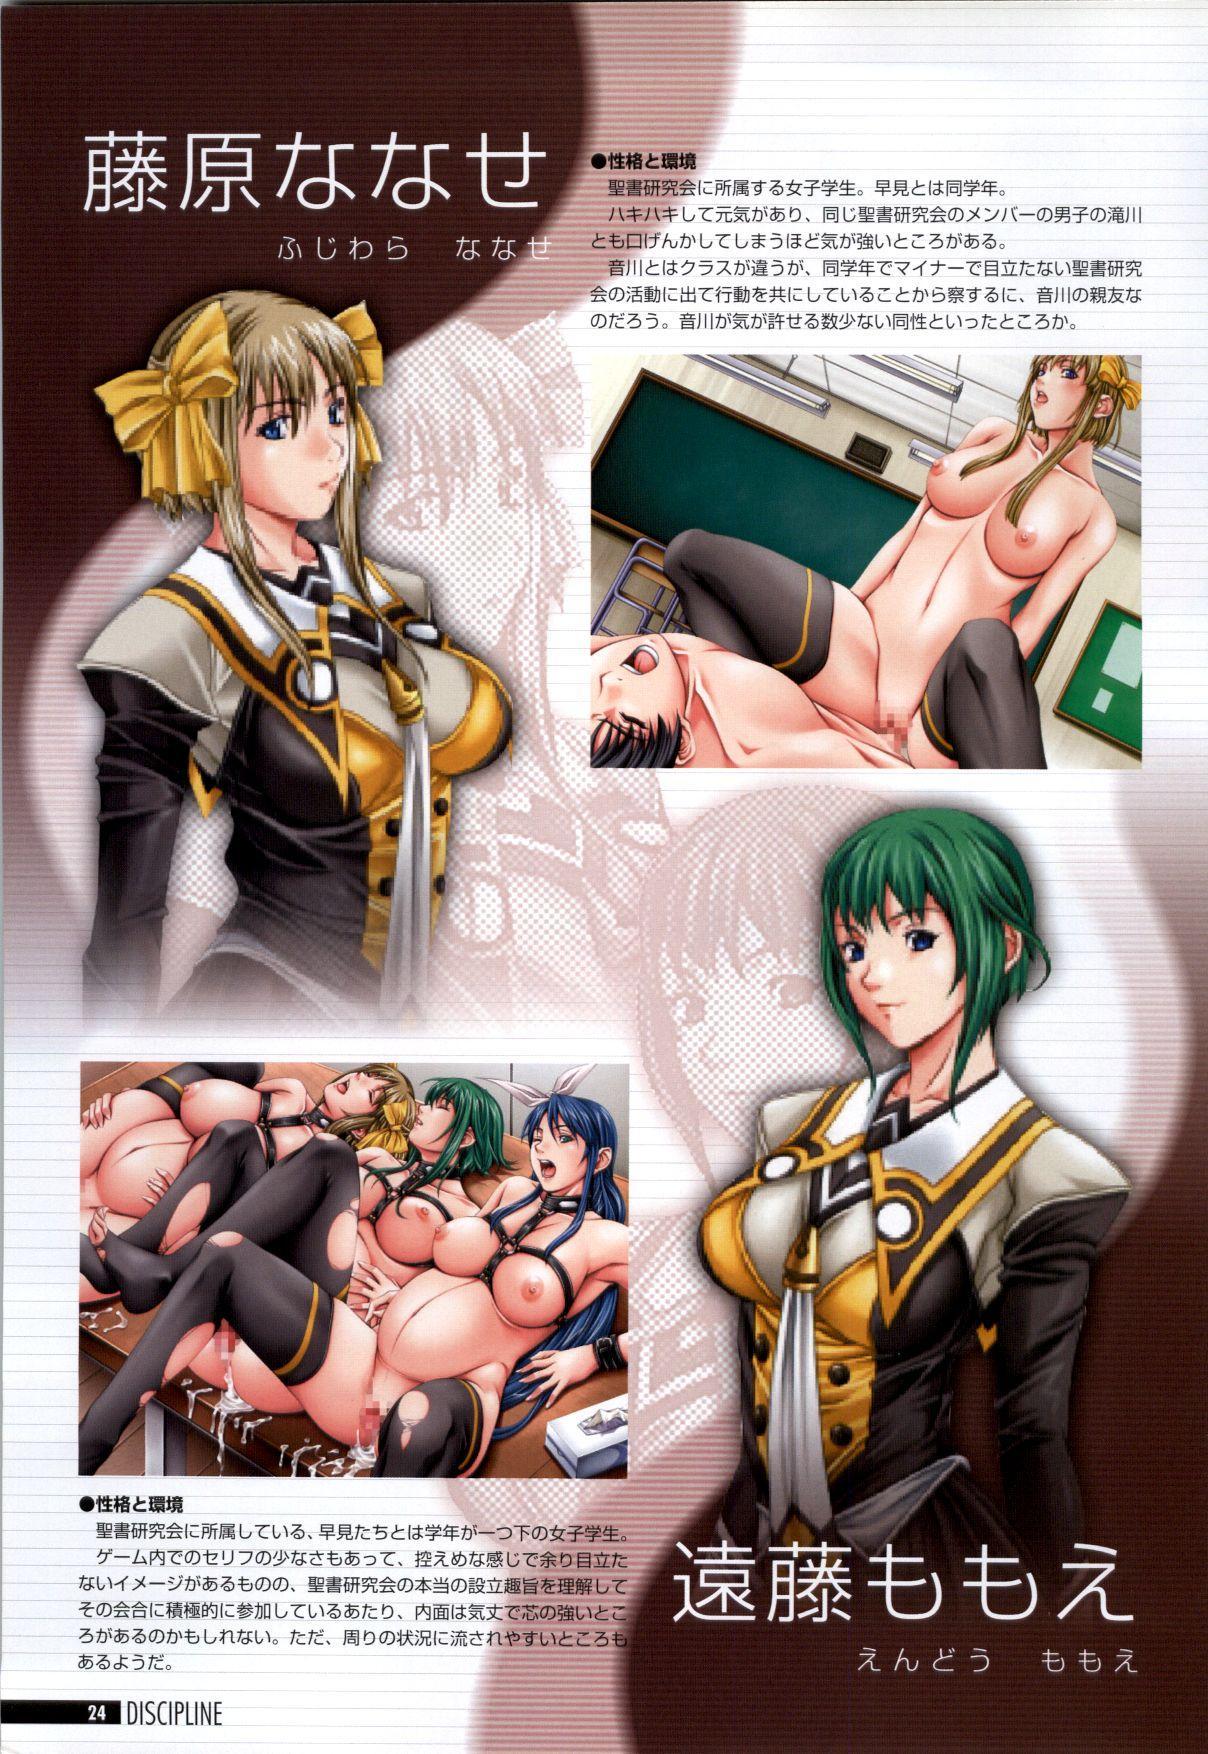 Discipline Artbook 24